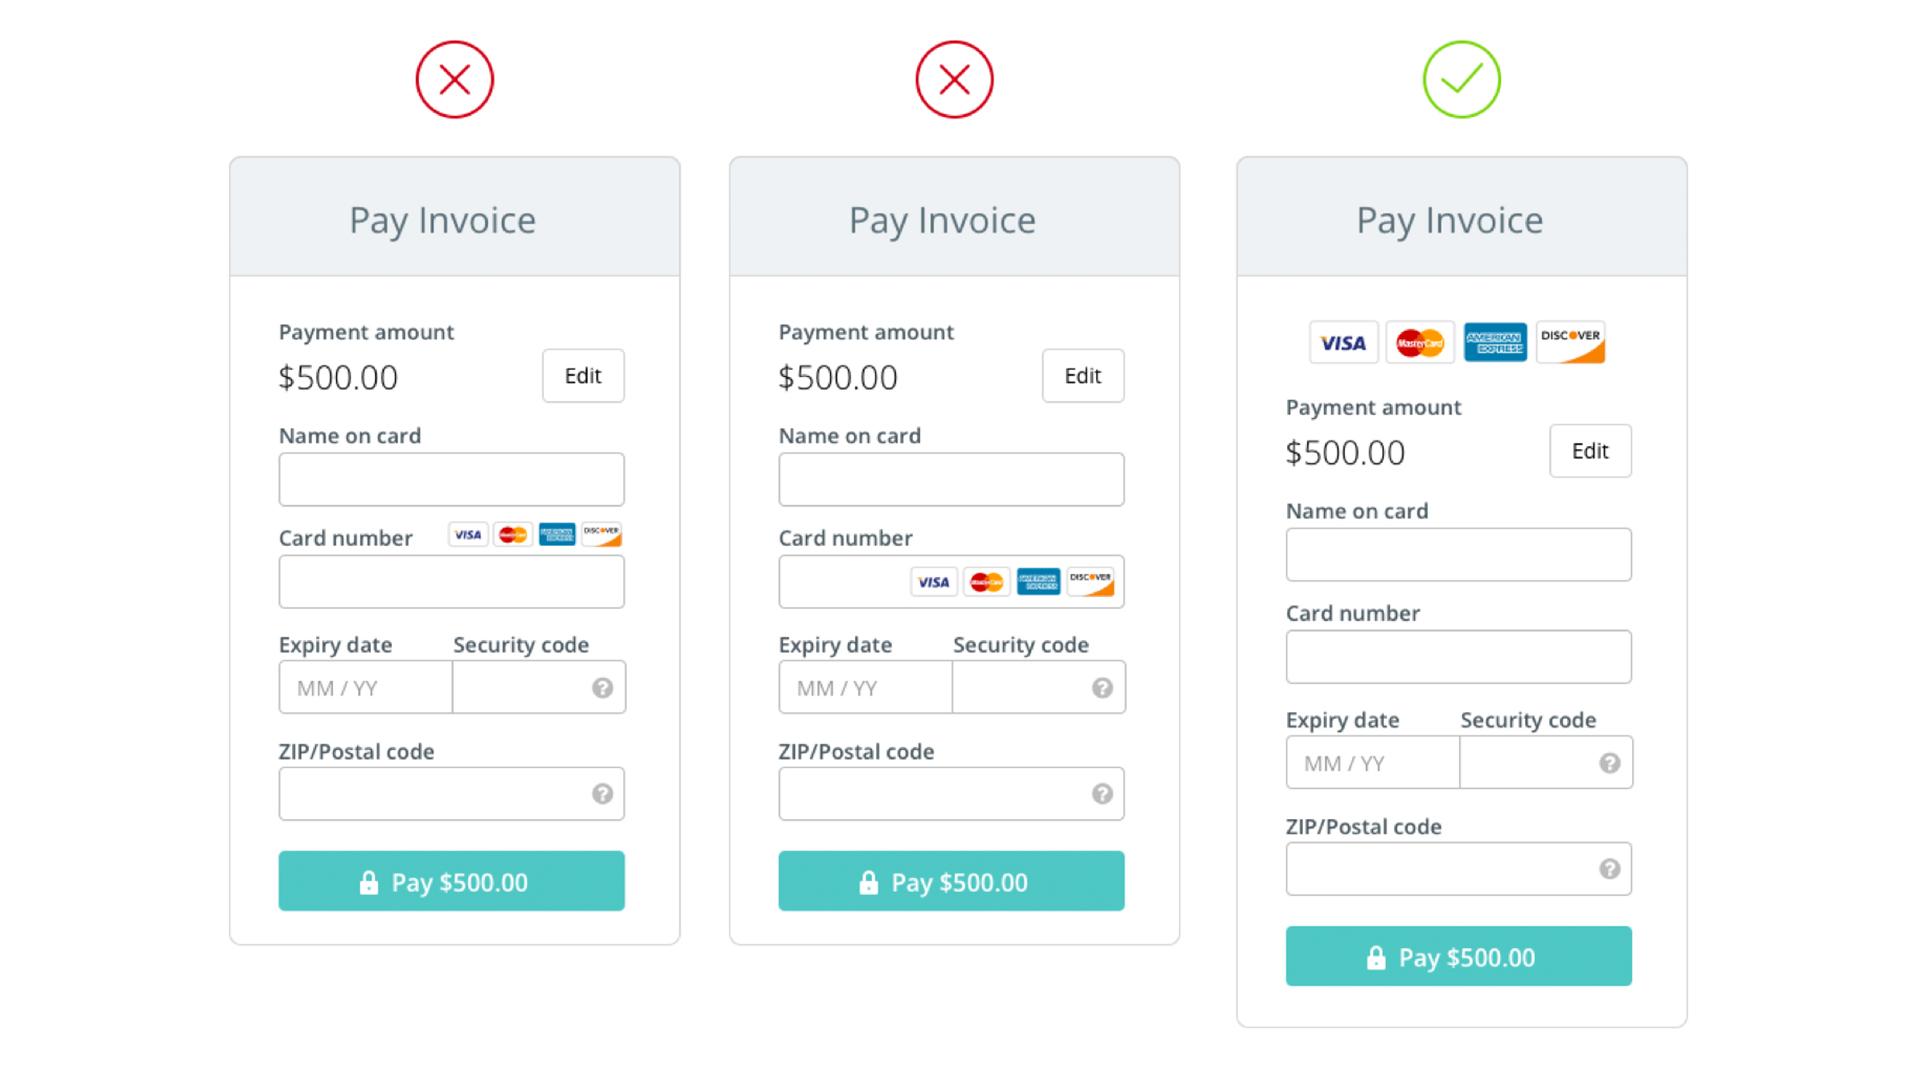 Mobil Uygulamalarda Kredi Kartı Ödeme Ekranları